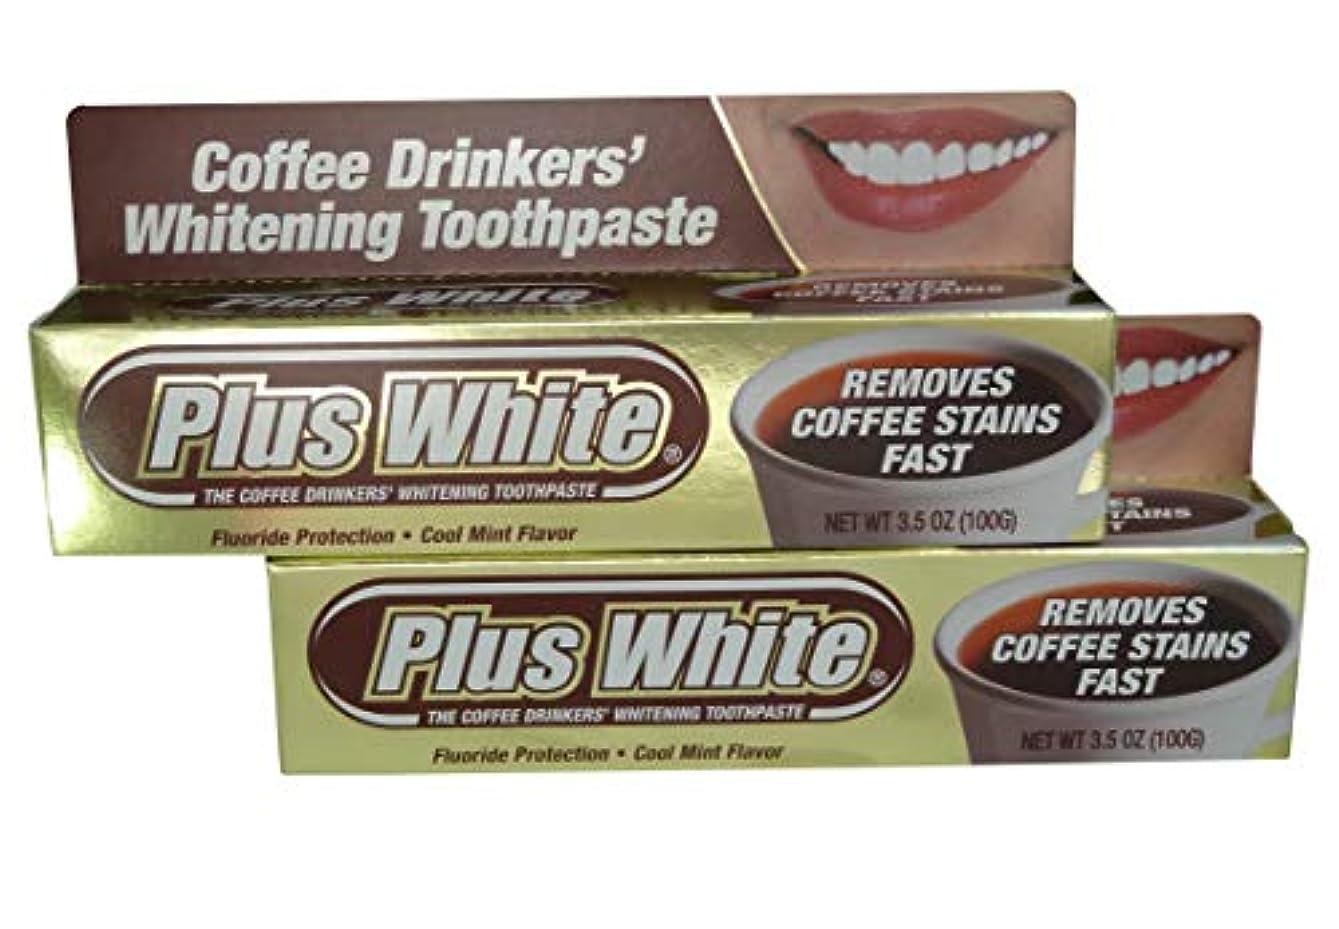 ペルーキッチン密Plus White コーヒー酒飲みホワイトニング歯磨き3.50オズ(2パック) 2パック